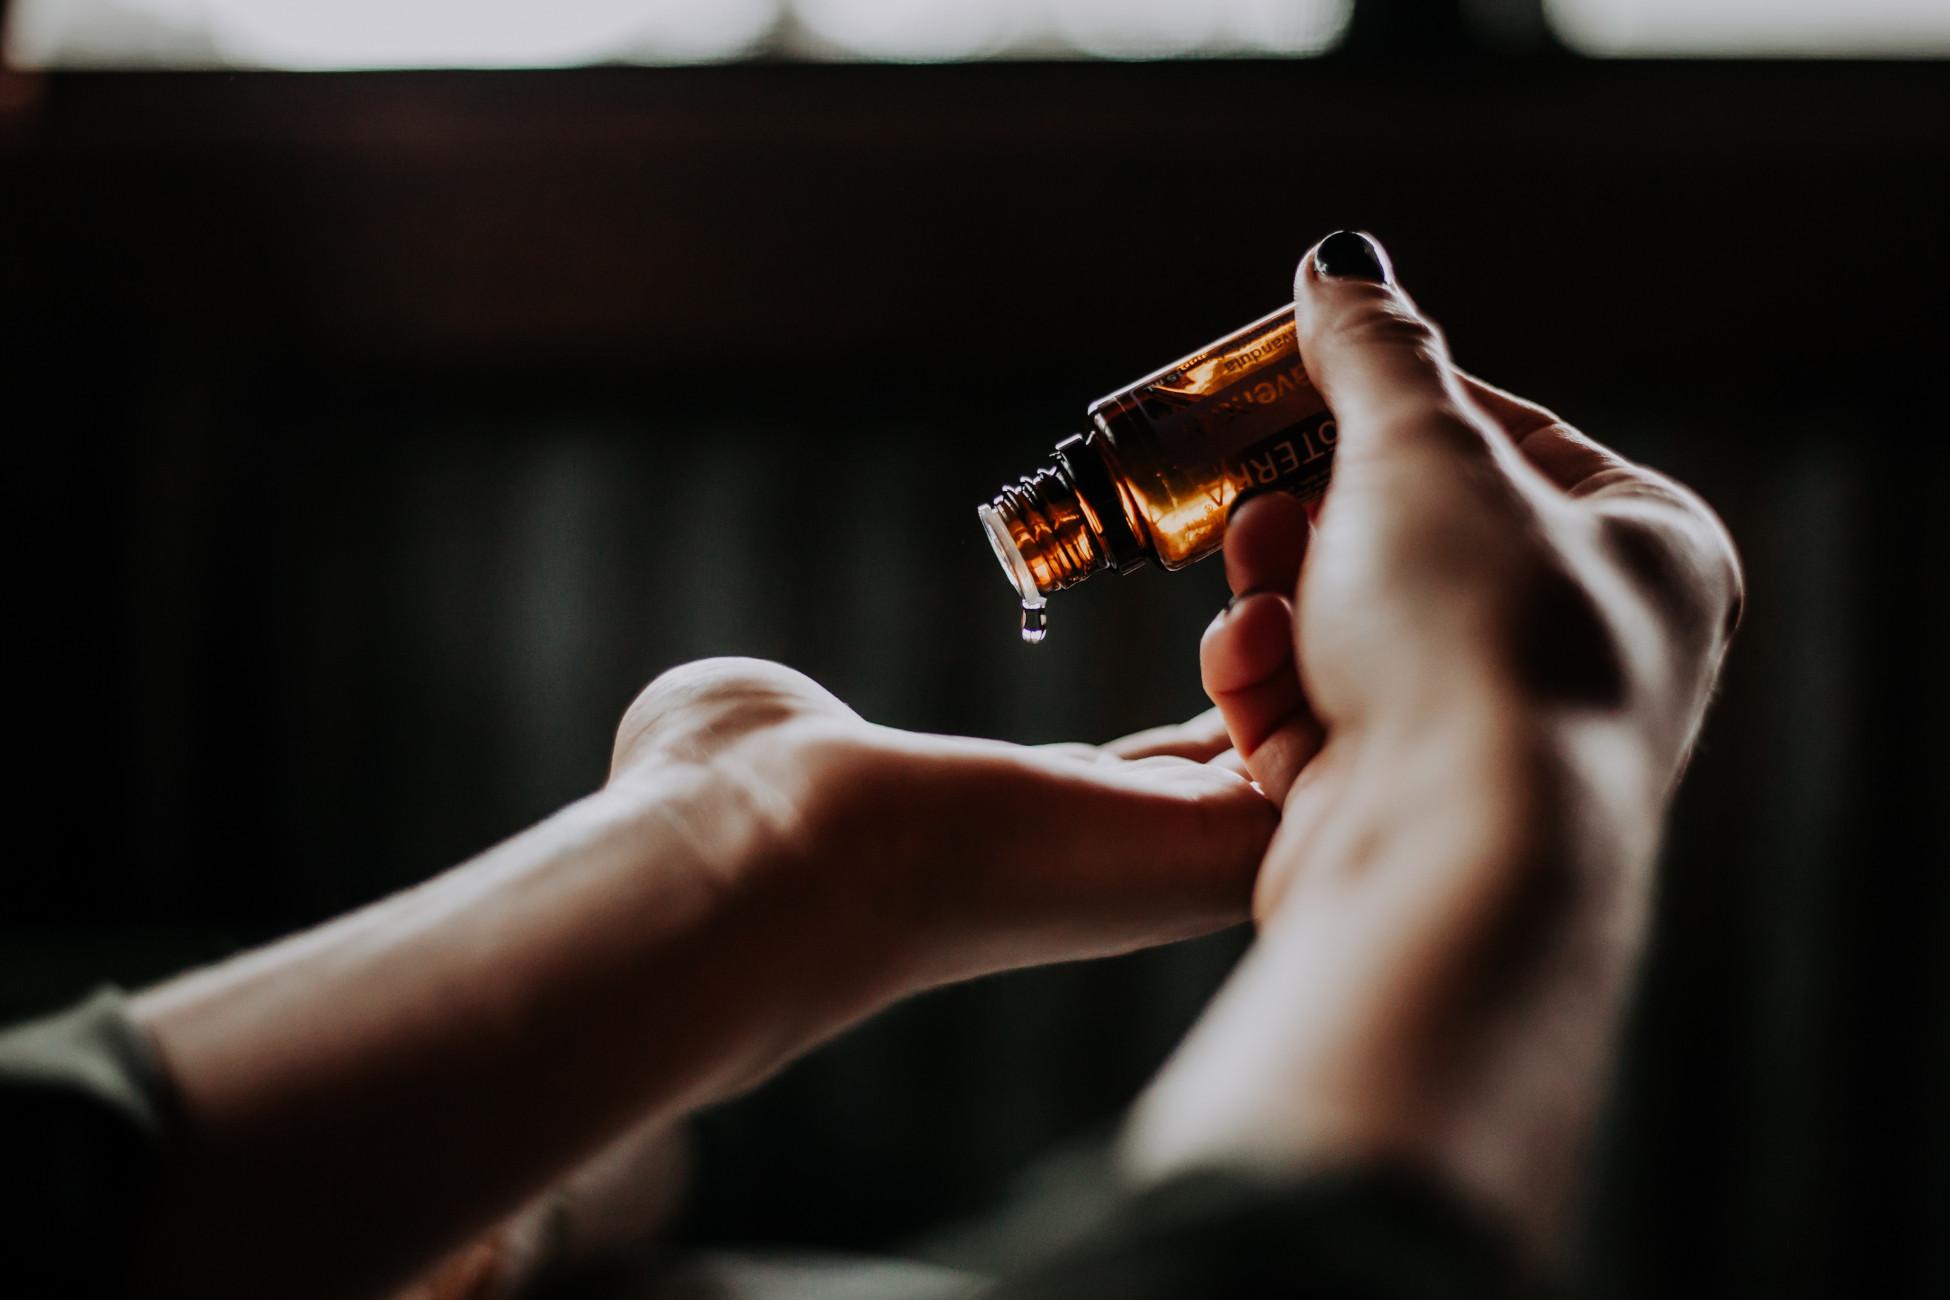 aceites esenciales maimar